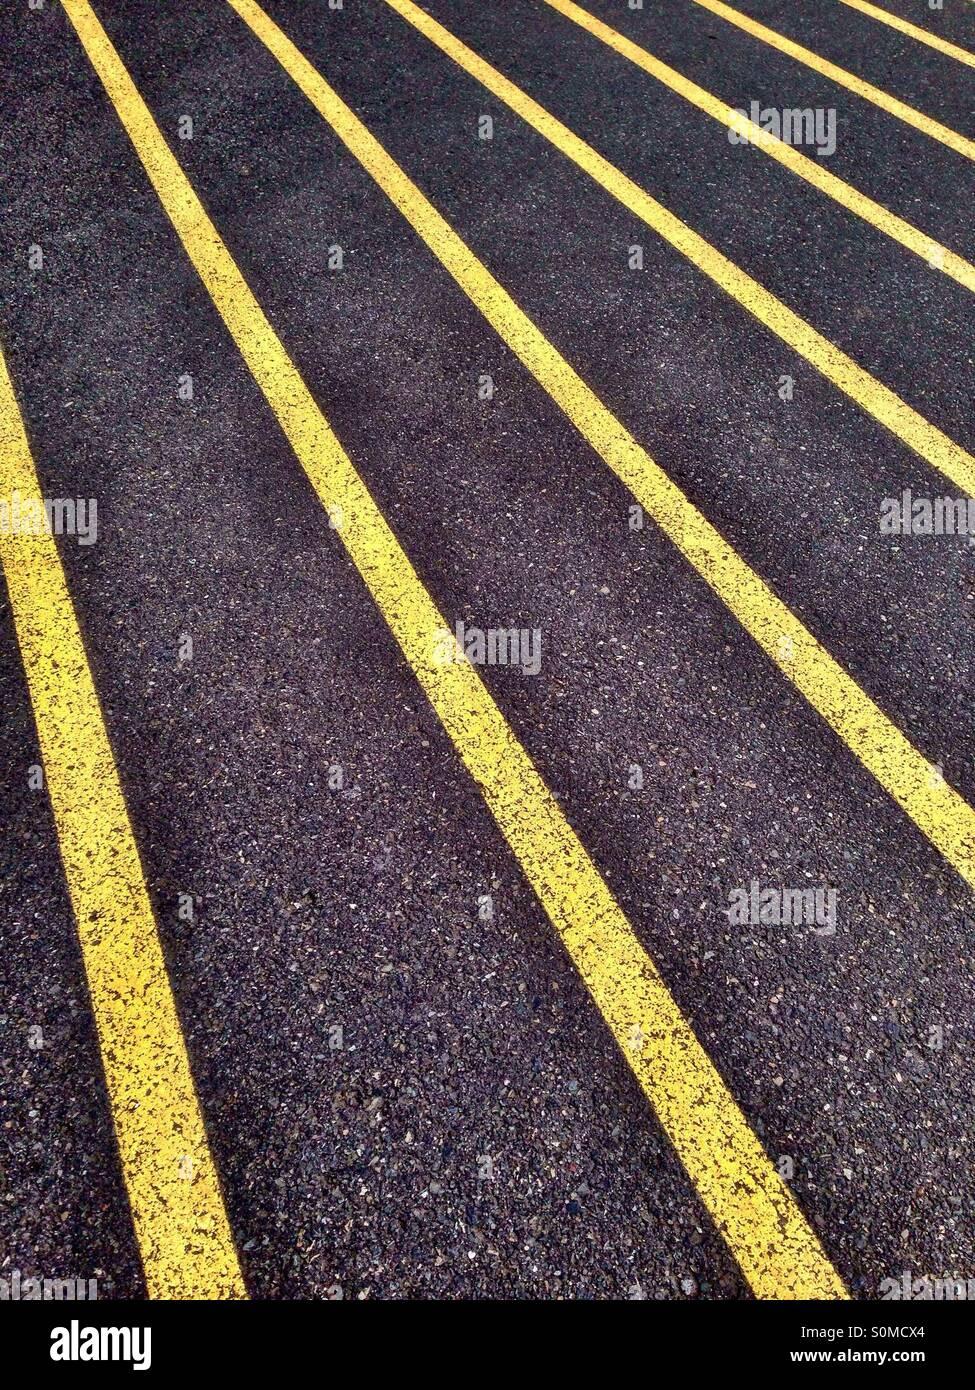 Gelbe Linien auf sportliche Laufbahn Stockbild